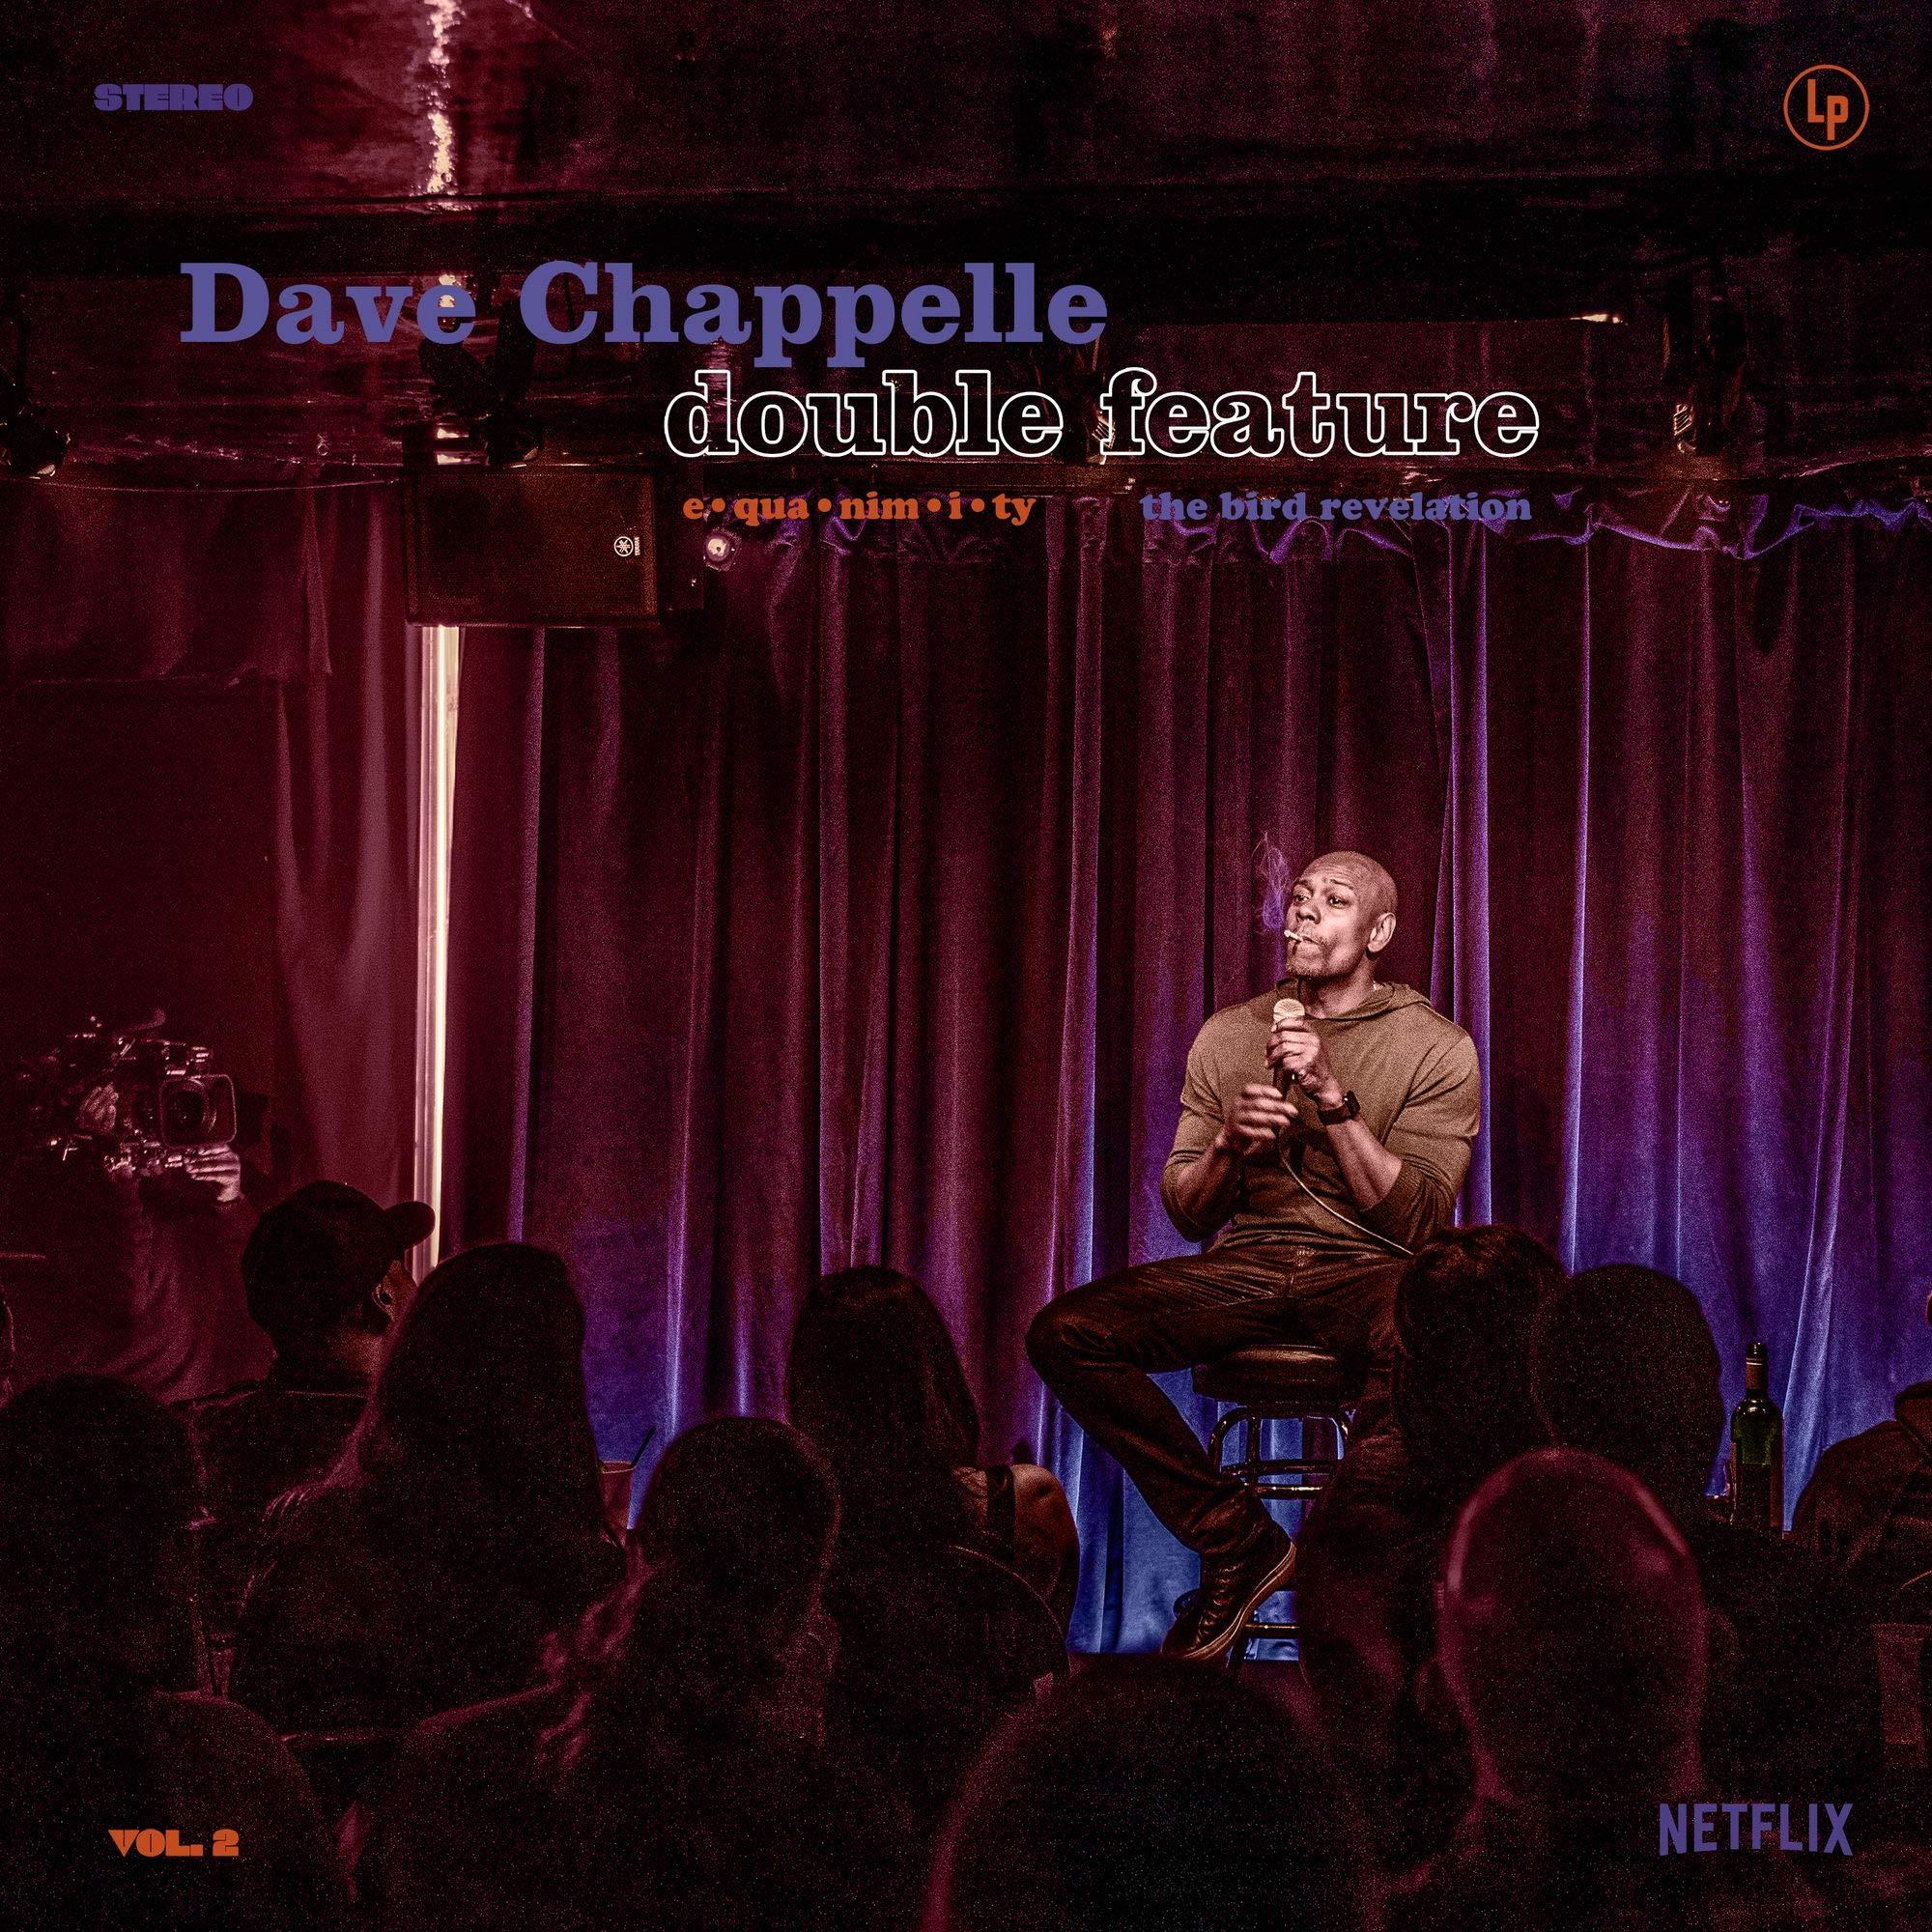 Vinilo : Dave Chappelle - Double Feature - Equanimity /  Bird Revelation (LP Vinyl)